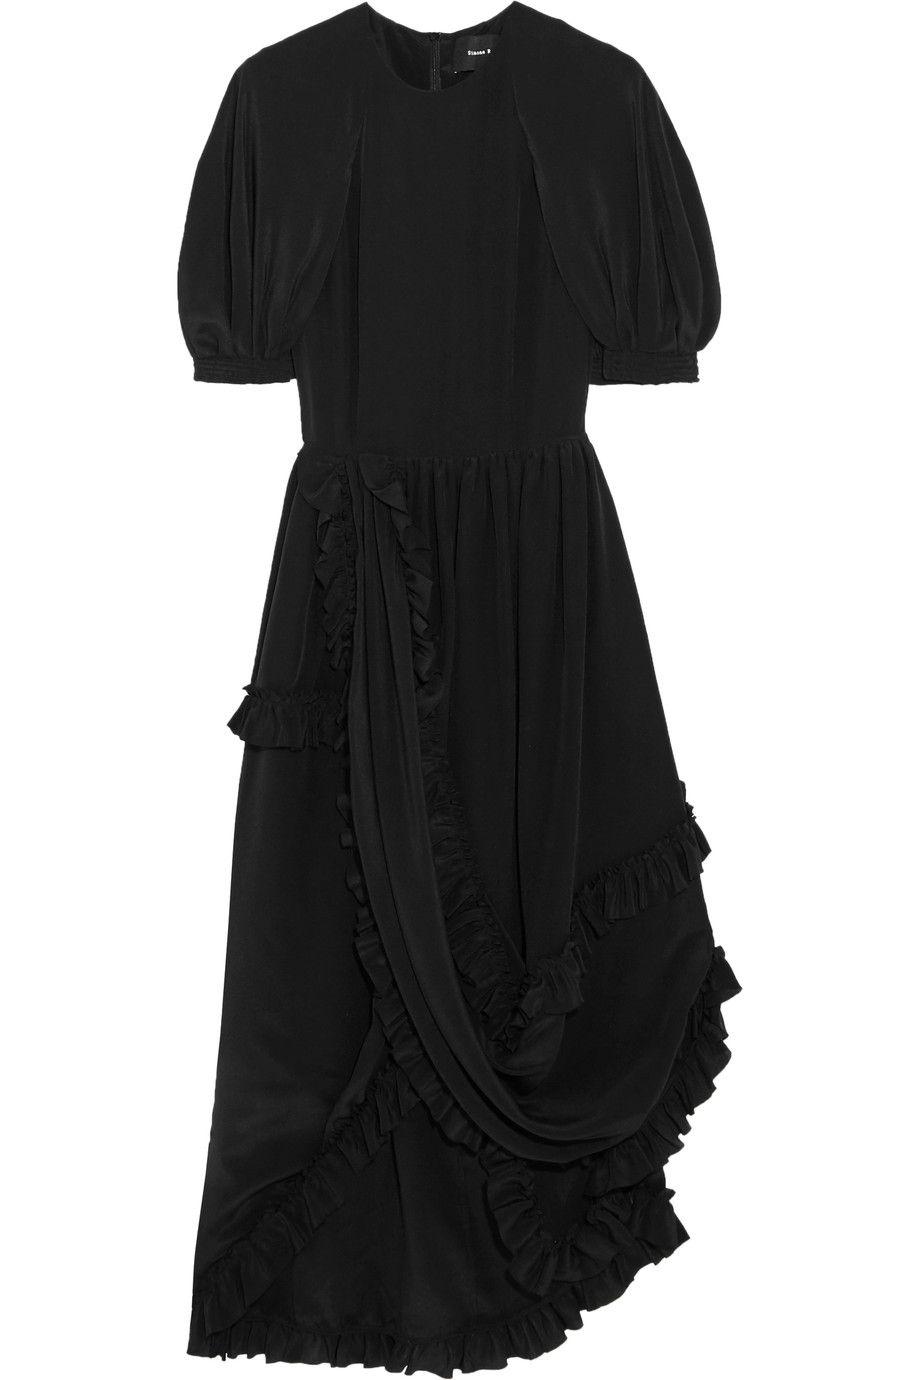 Simone Rocha | Ruffled silk crepe de chine dress | NET-A-PORTER.COM